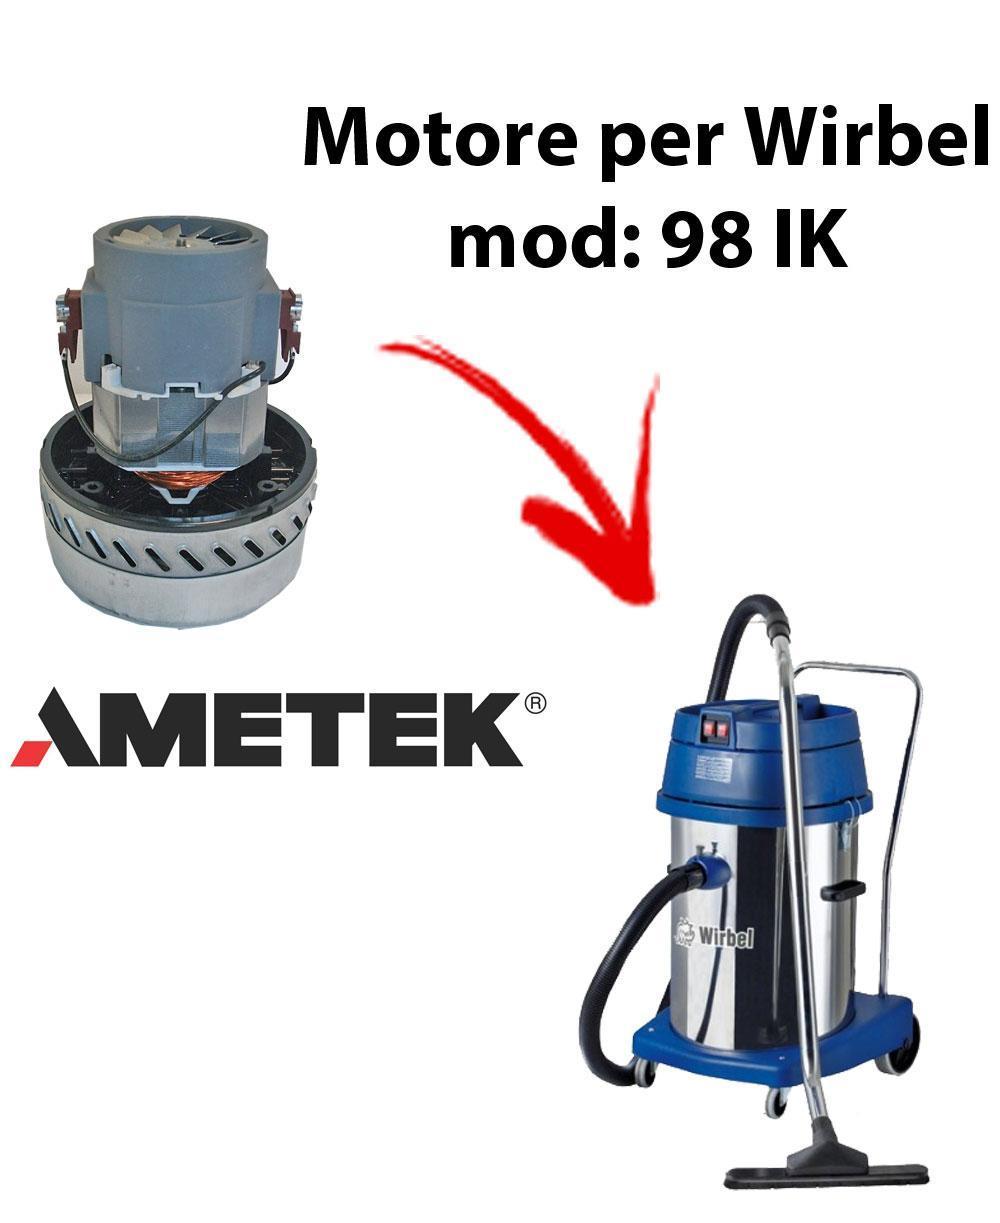 98 IK MOTEUR ASPIRATION AMETEK pour aspirateur et aspirateur WIRBEL